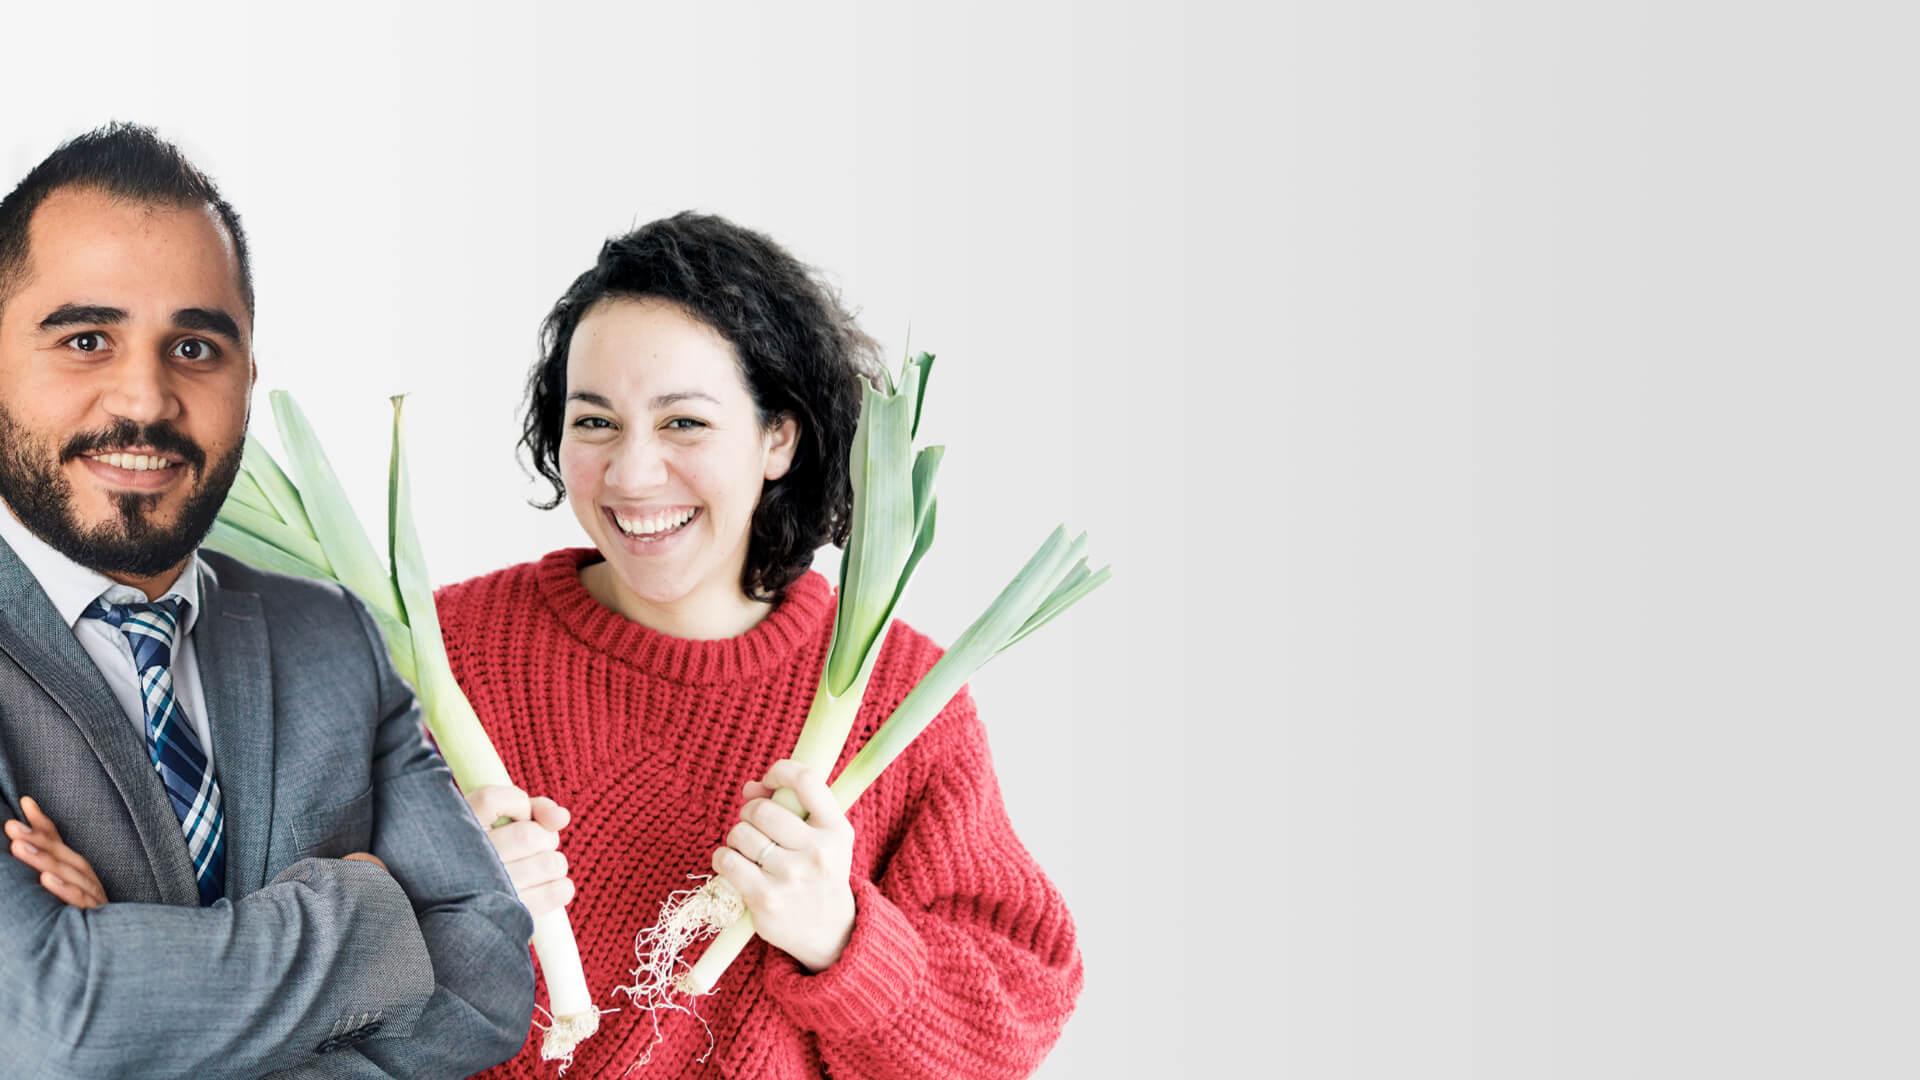 Caritas International België Wat betekent thuis voor jou?